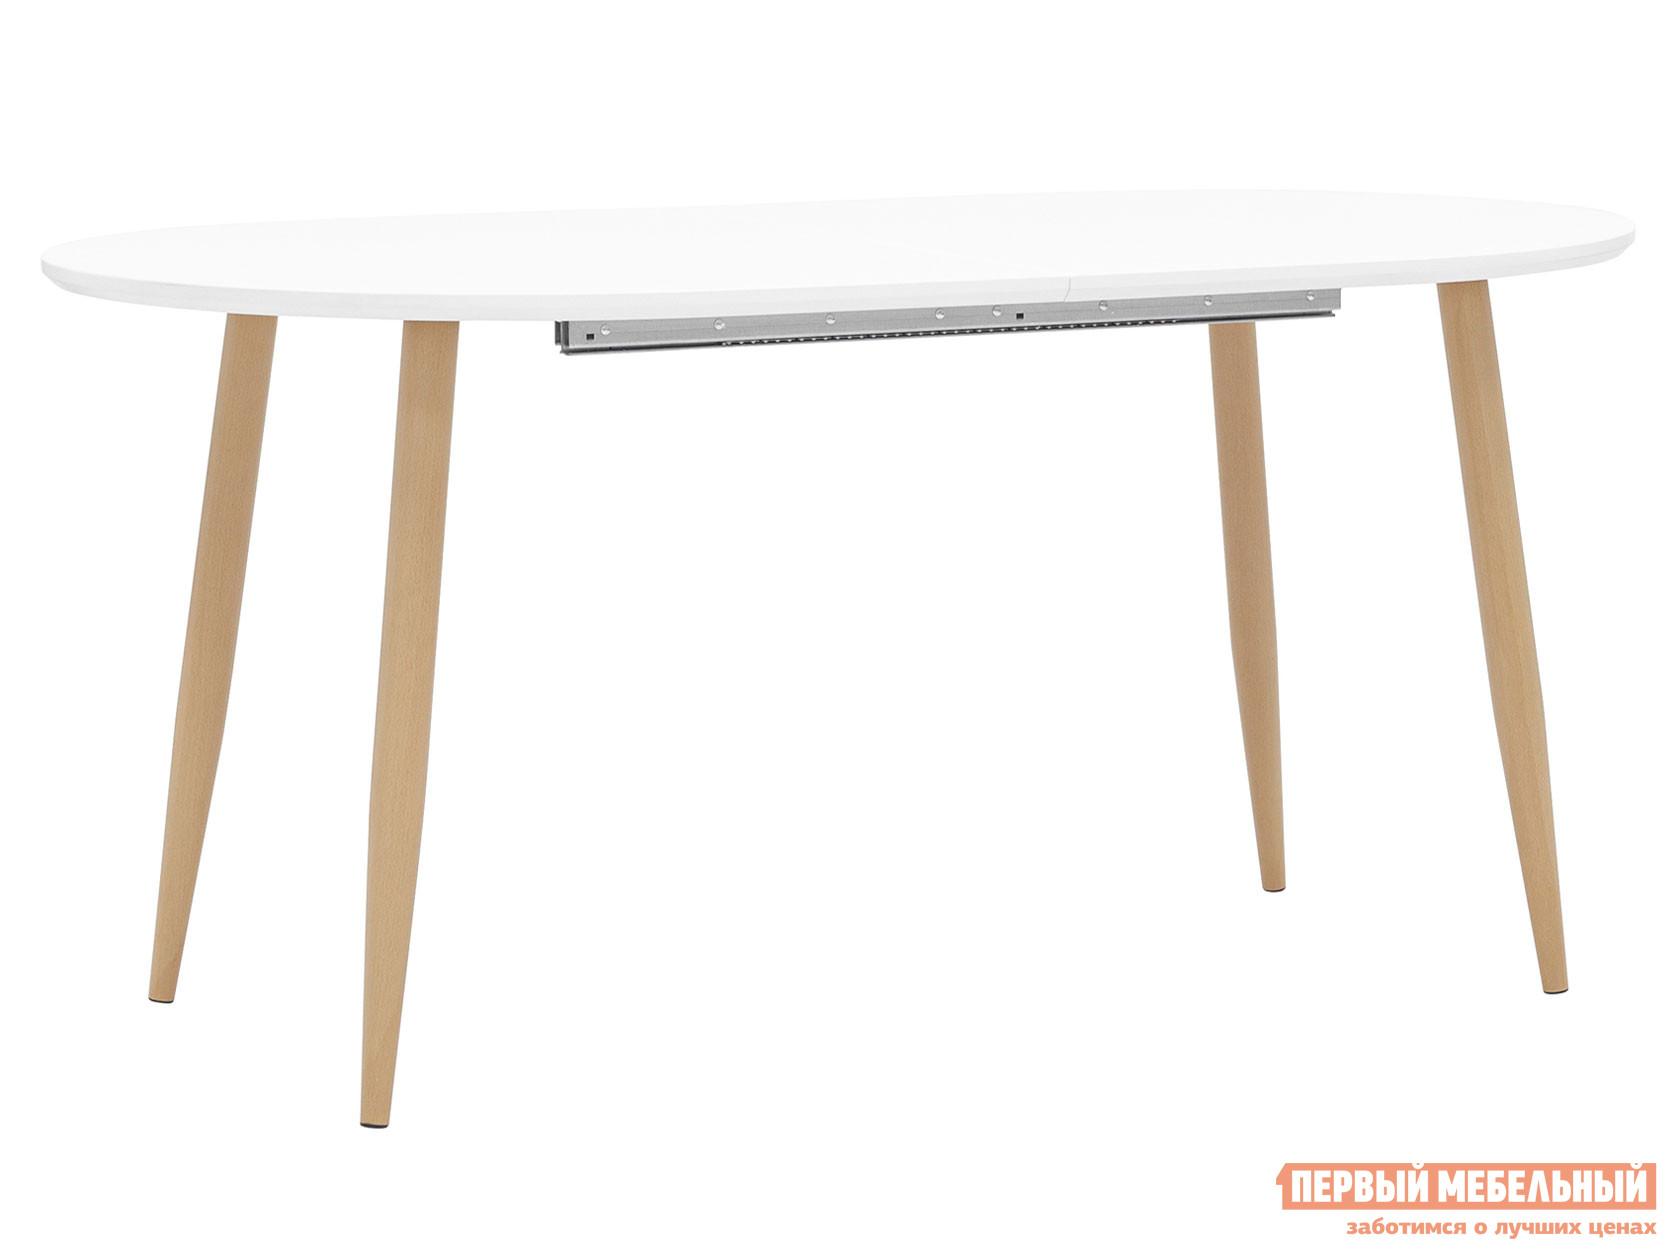 Кухонный стол  обеденный Берген, раскладной DT-95-120/160 DUAL Белый, Большой Stool Group 111416